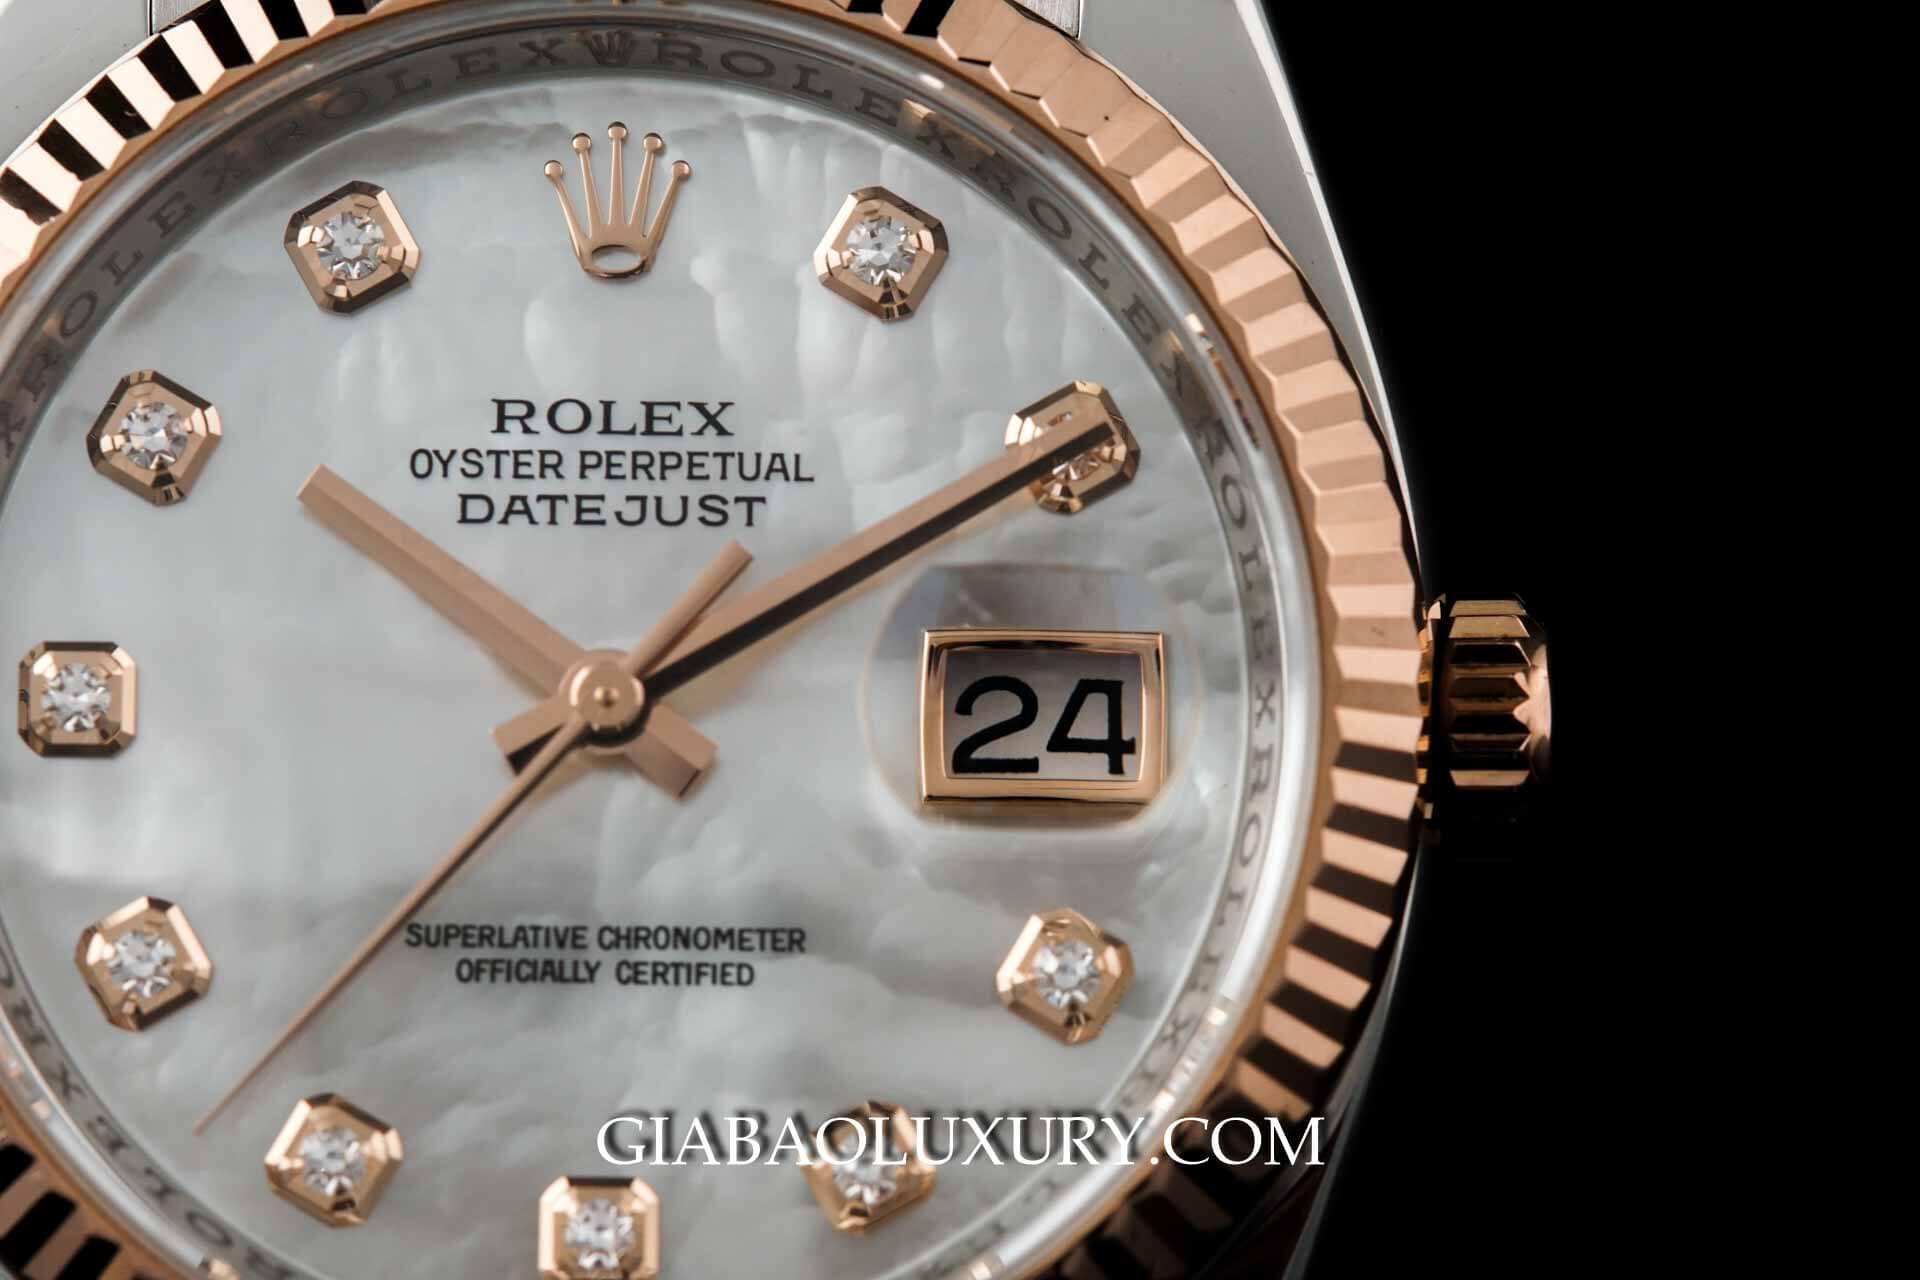 Một mẫu đồng hồ Rolex chính hãng